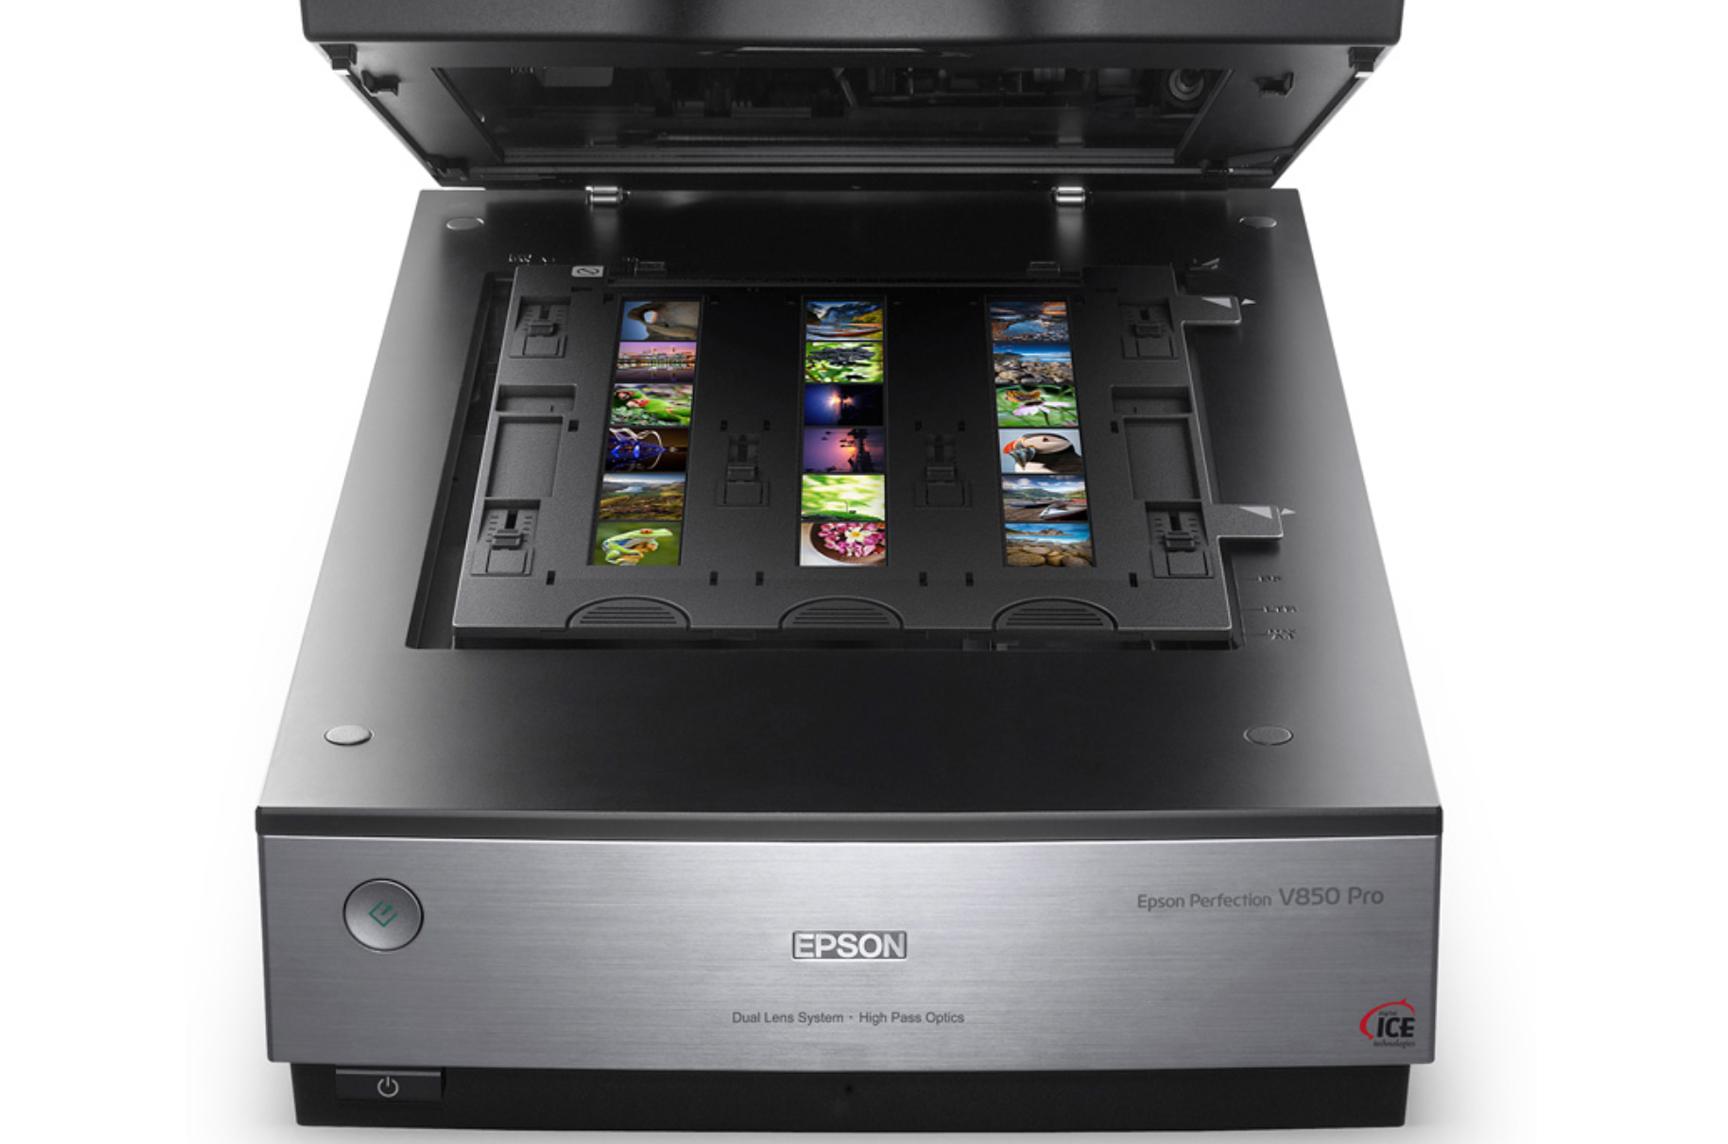 EpsonScanner.jpg